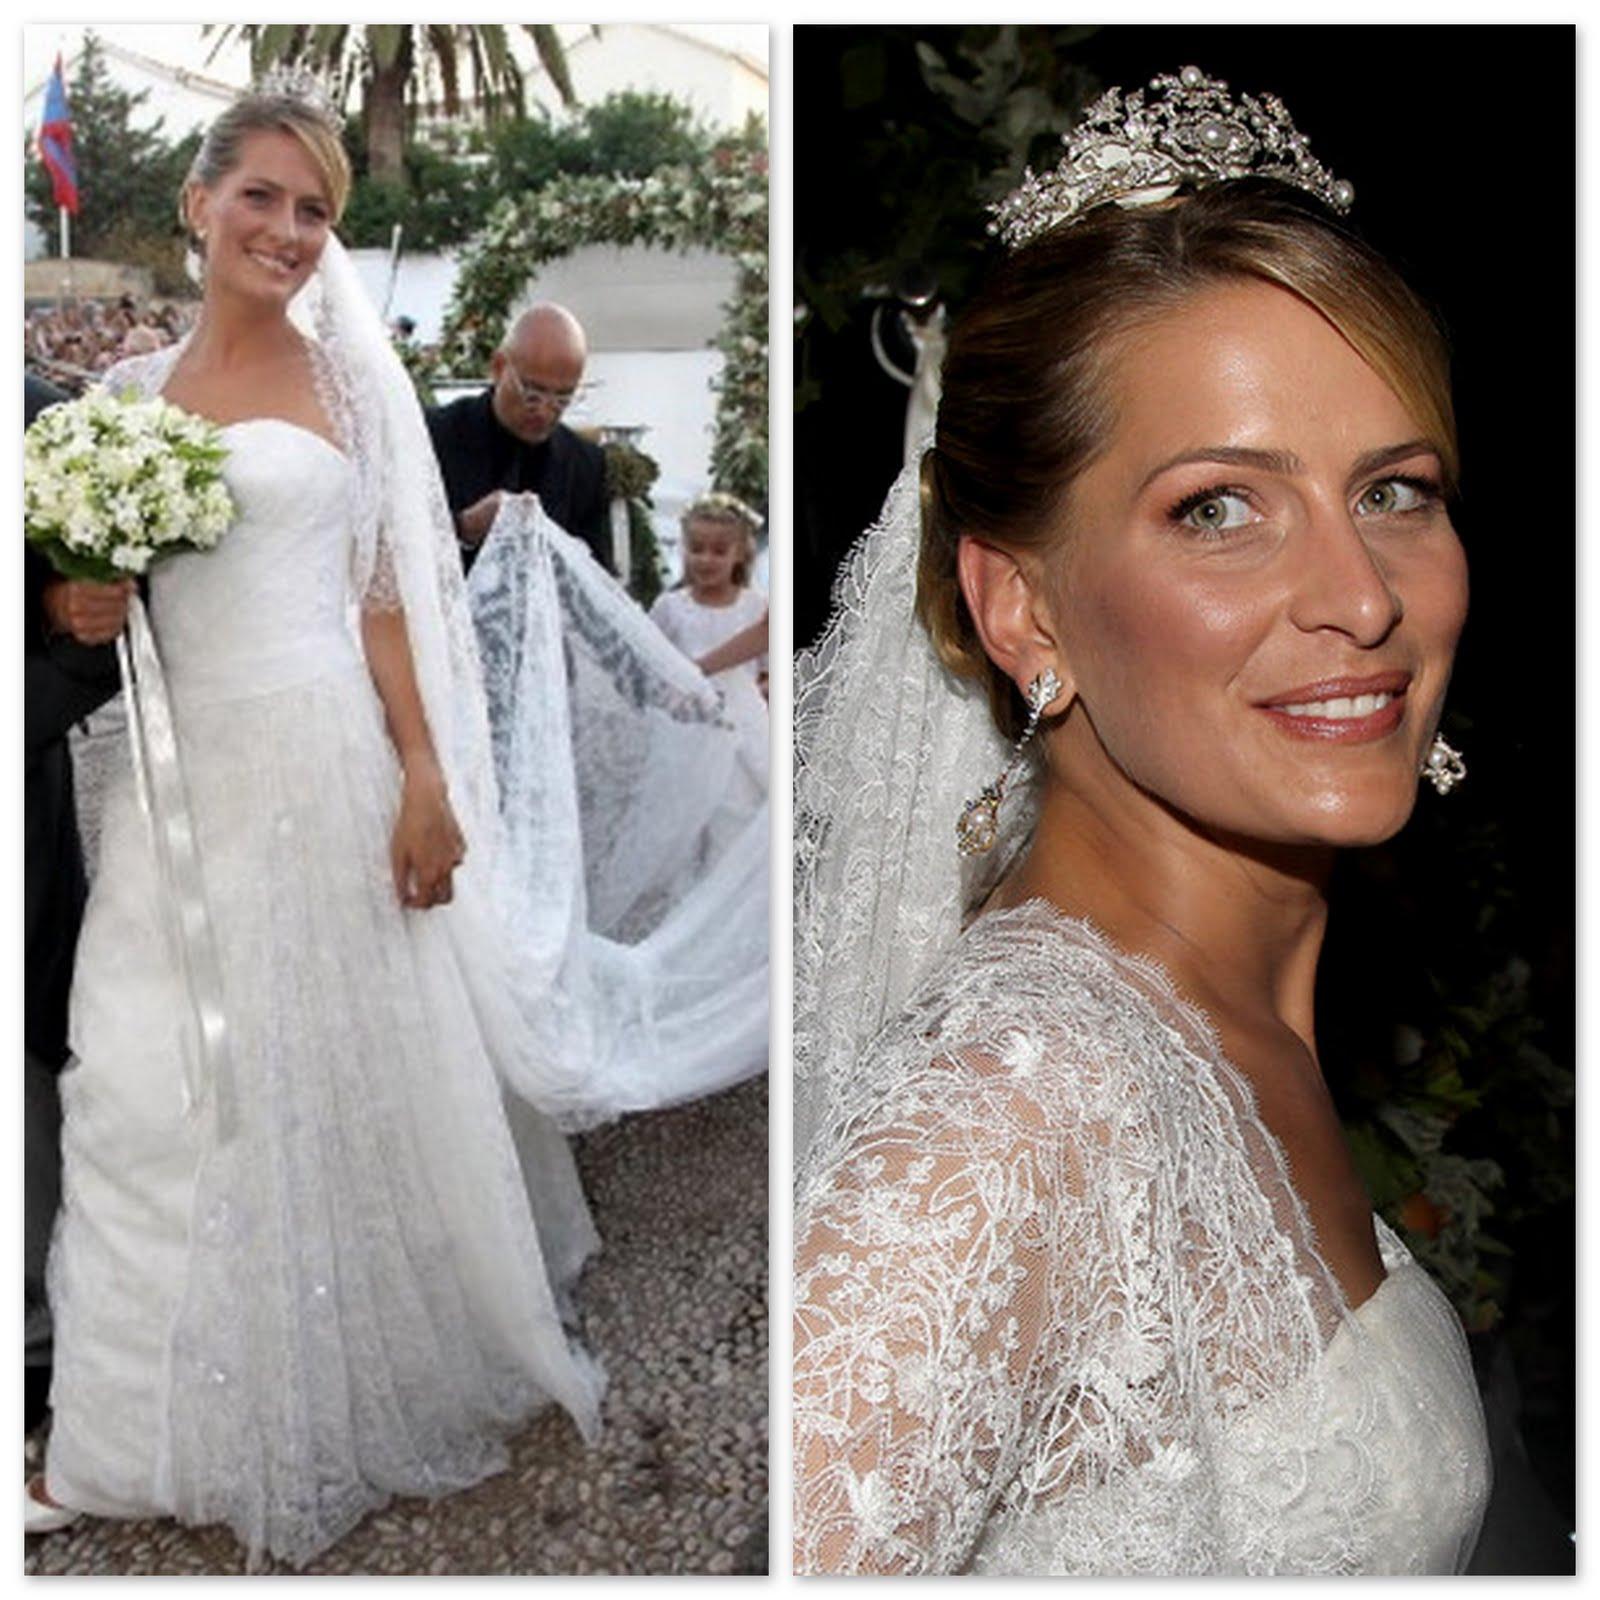 http://4.bp.blogspot.com/-geD-RewRRMg/TbmltHFSF-I/AAAAAAAAFPo/ZIjYKebJghY/s1600/Tatiana%252C+Princess+Nikolaos+of+Greece.jpg